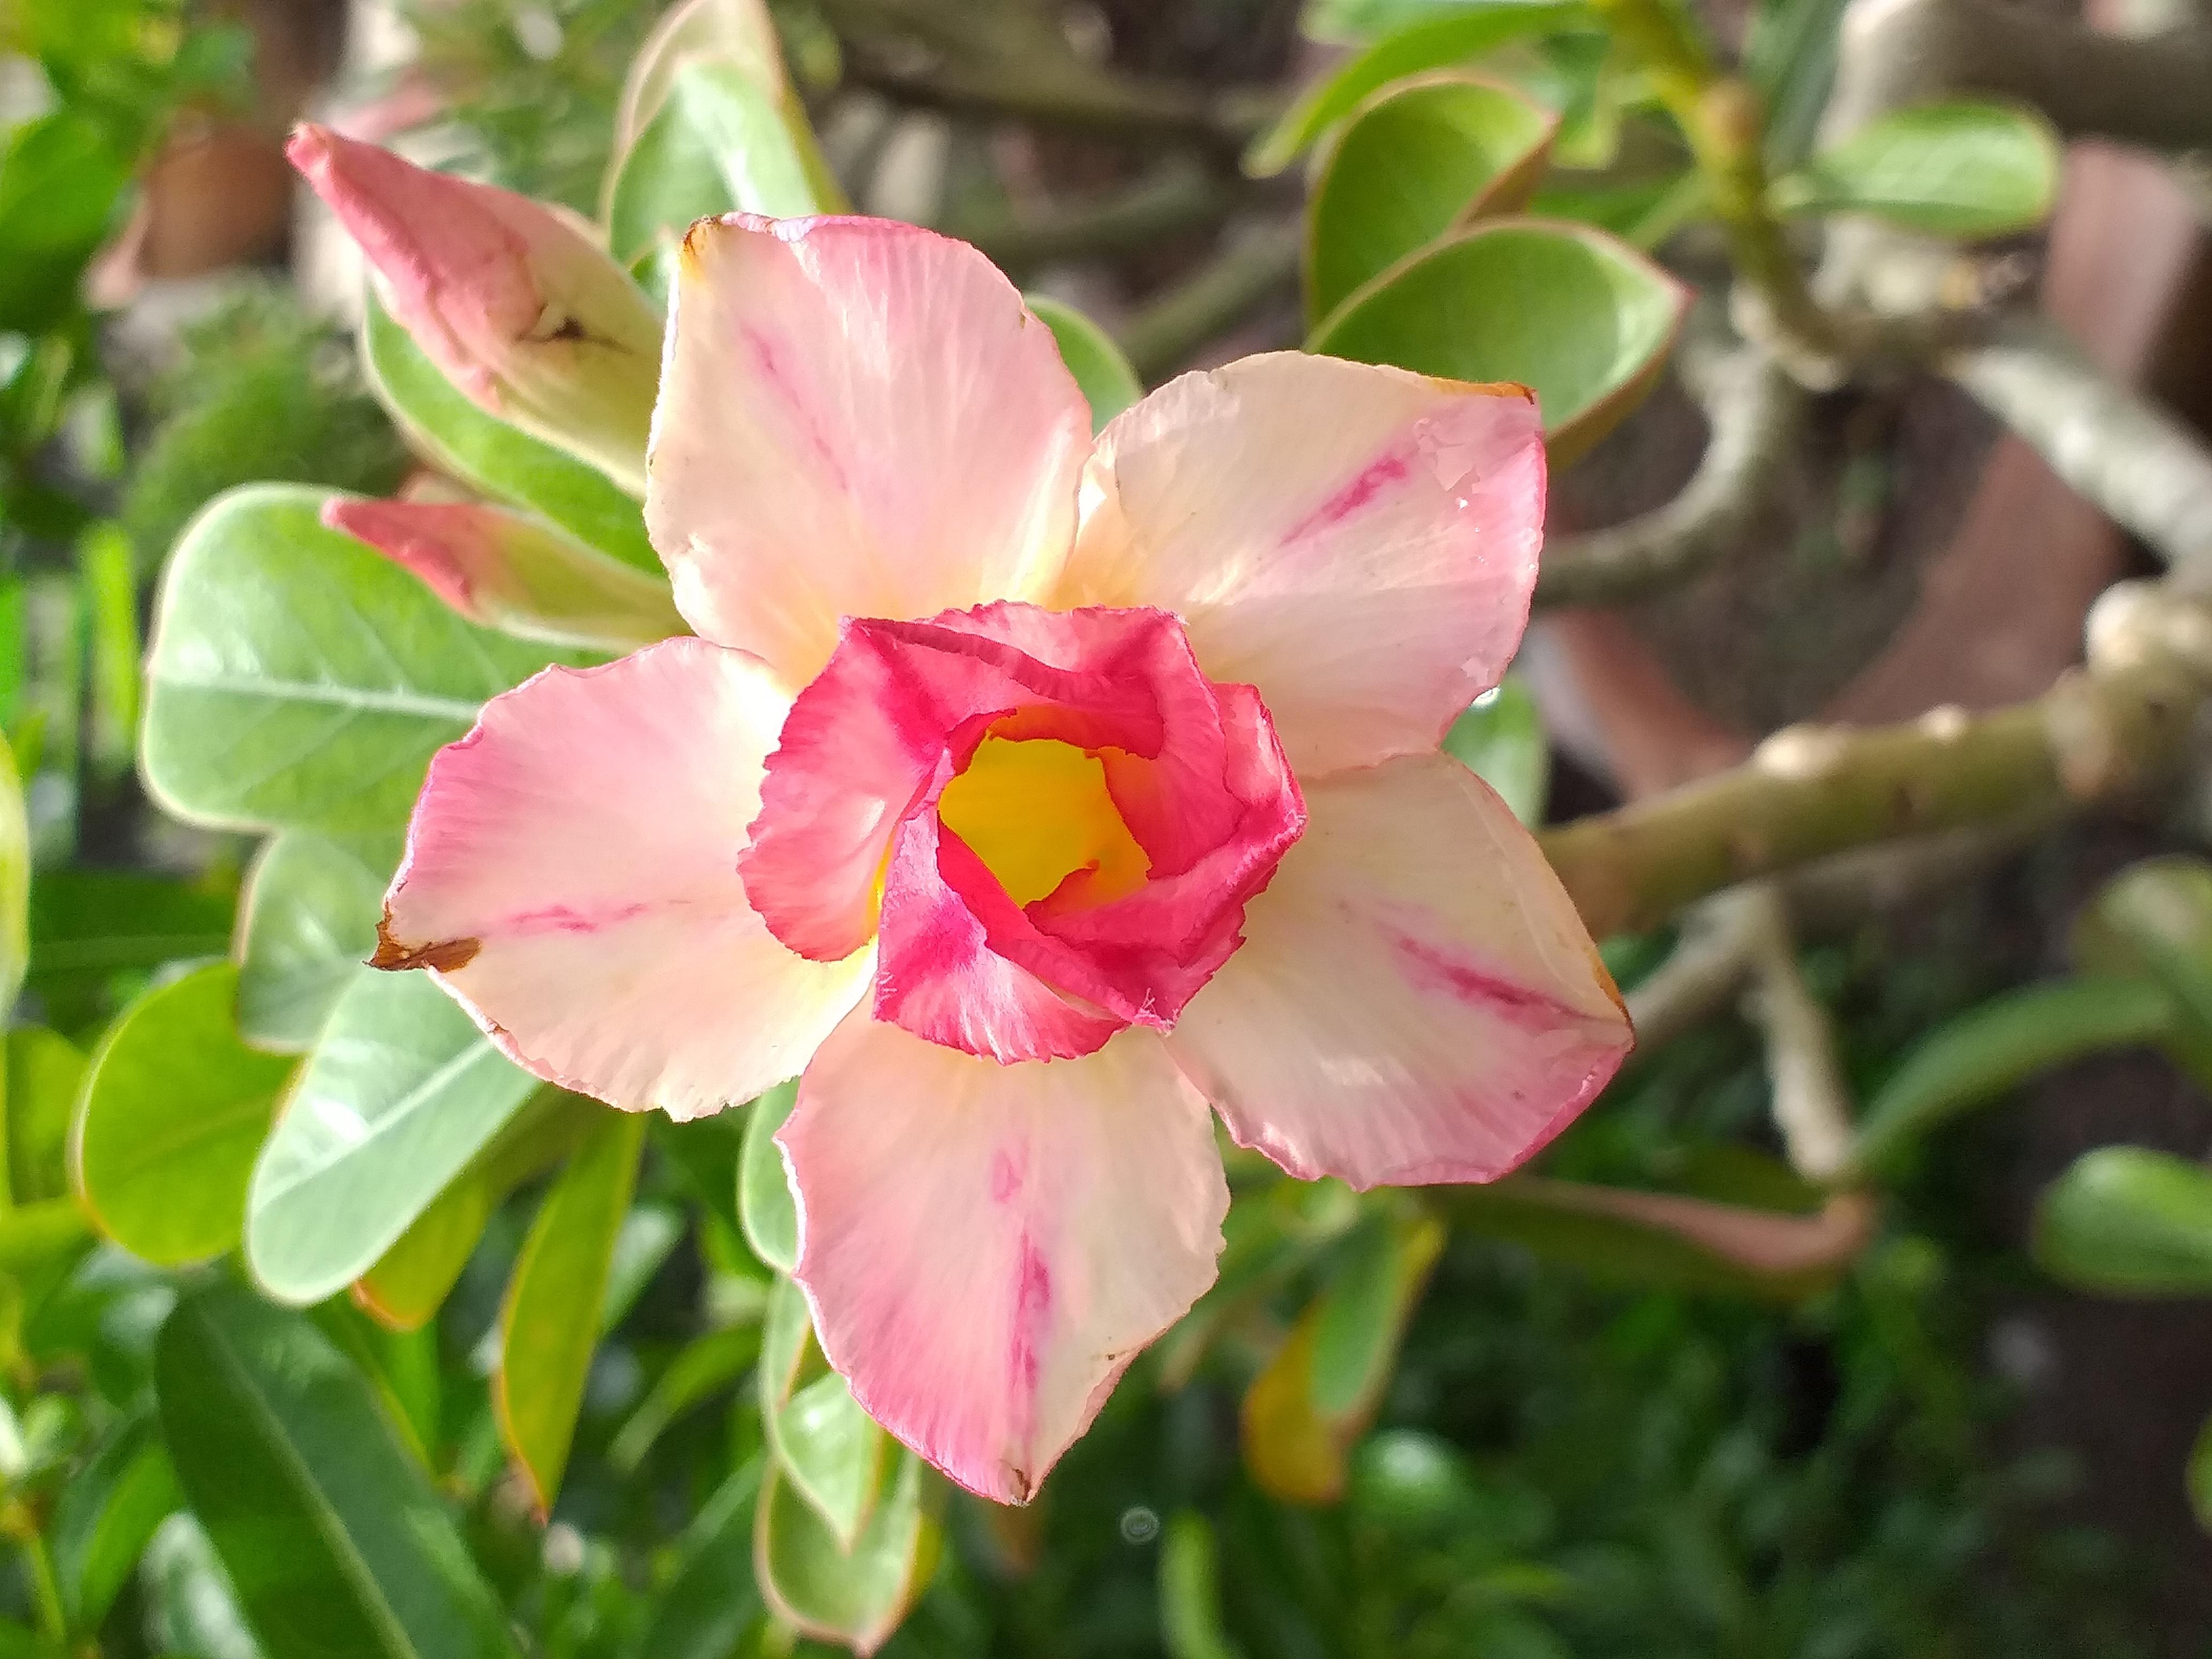 flower38.jpg